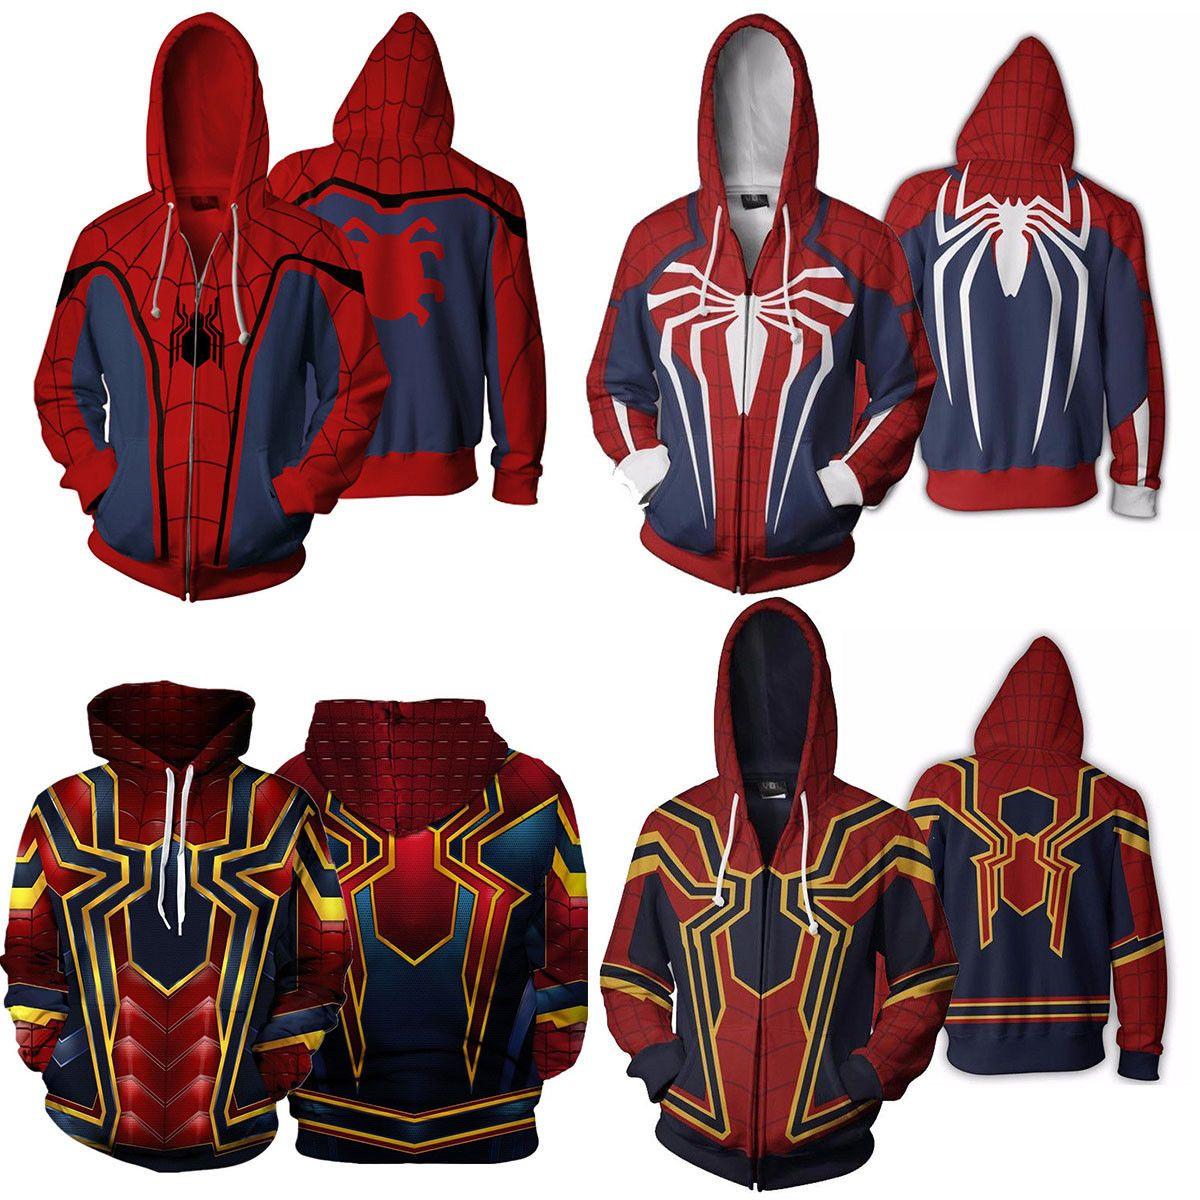 c4aae866 19.88   2018 Avengers Infinity War Spiderman Hoodie Iron spider-man Coat  Jacket New ❤ #avengers #infinity #spiderman #hoodie #spider #jacket #Pants # men ...